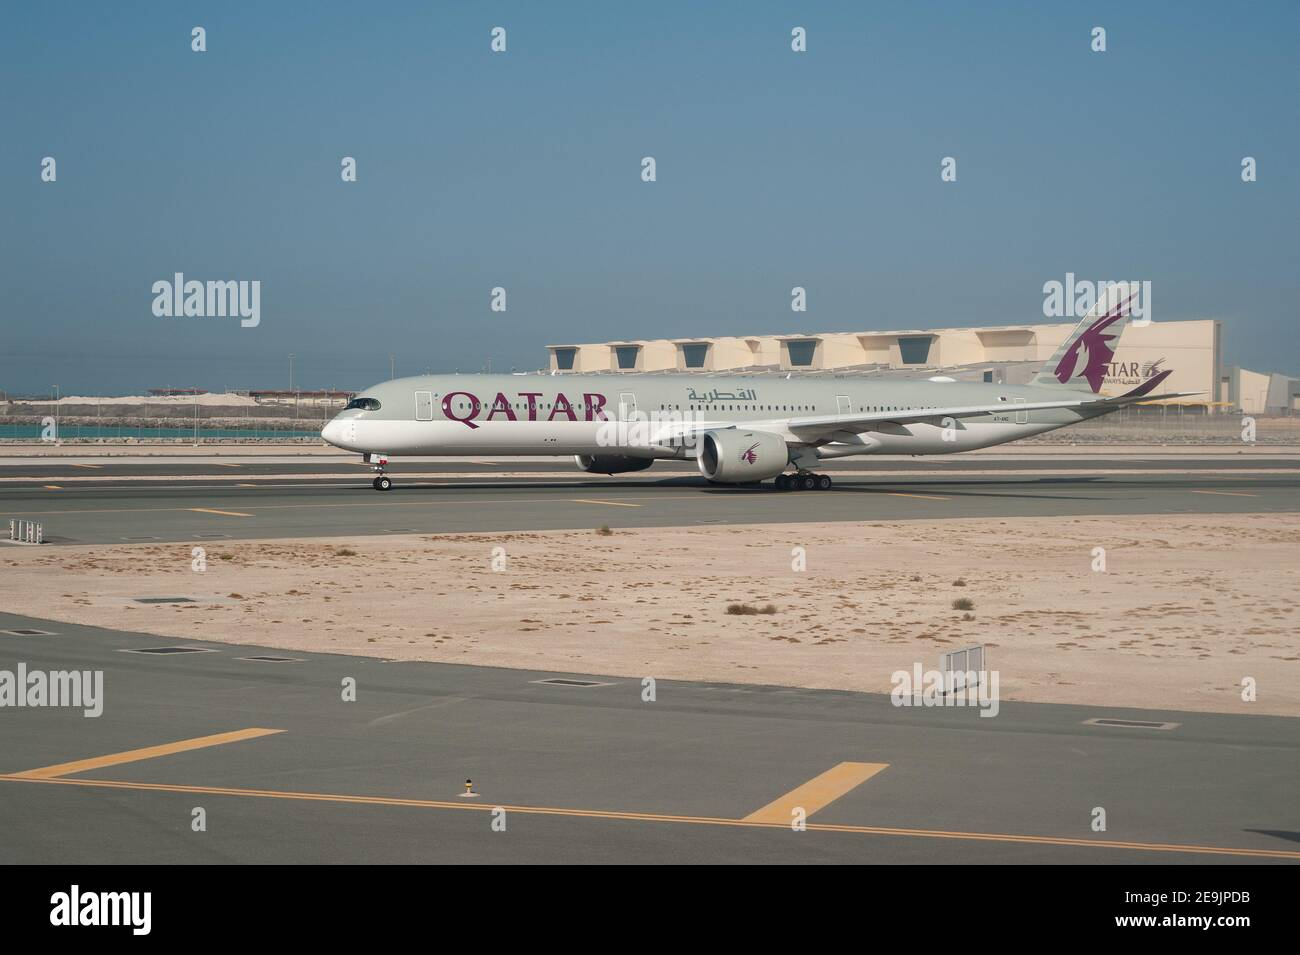 05.06.2019, Doha, Qatar, Asie - un Airbus A350-1000 Qatar Airways a des avions de passagers qui desservent la piste de l'aéroport international d'Hamad. Banque D'Images